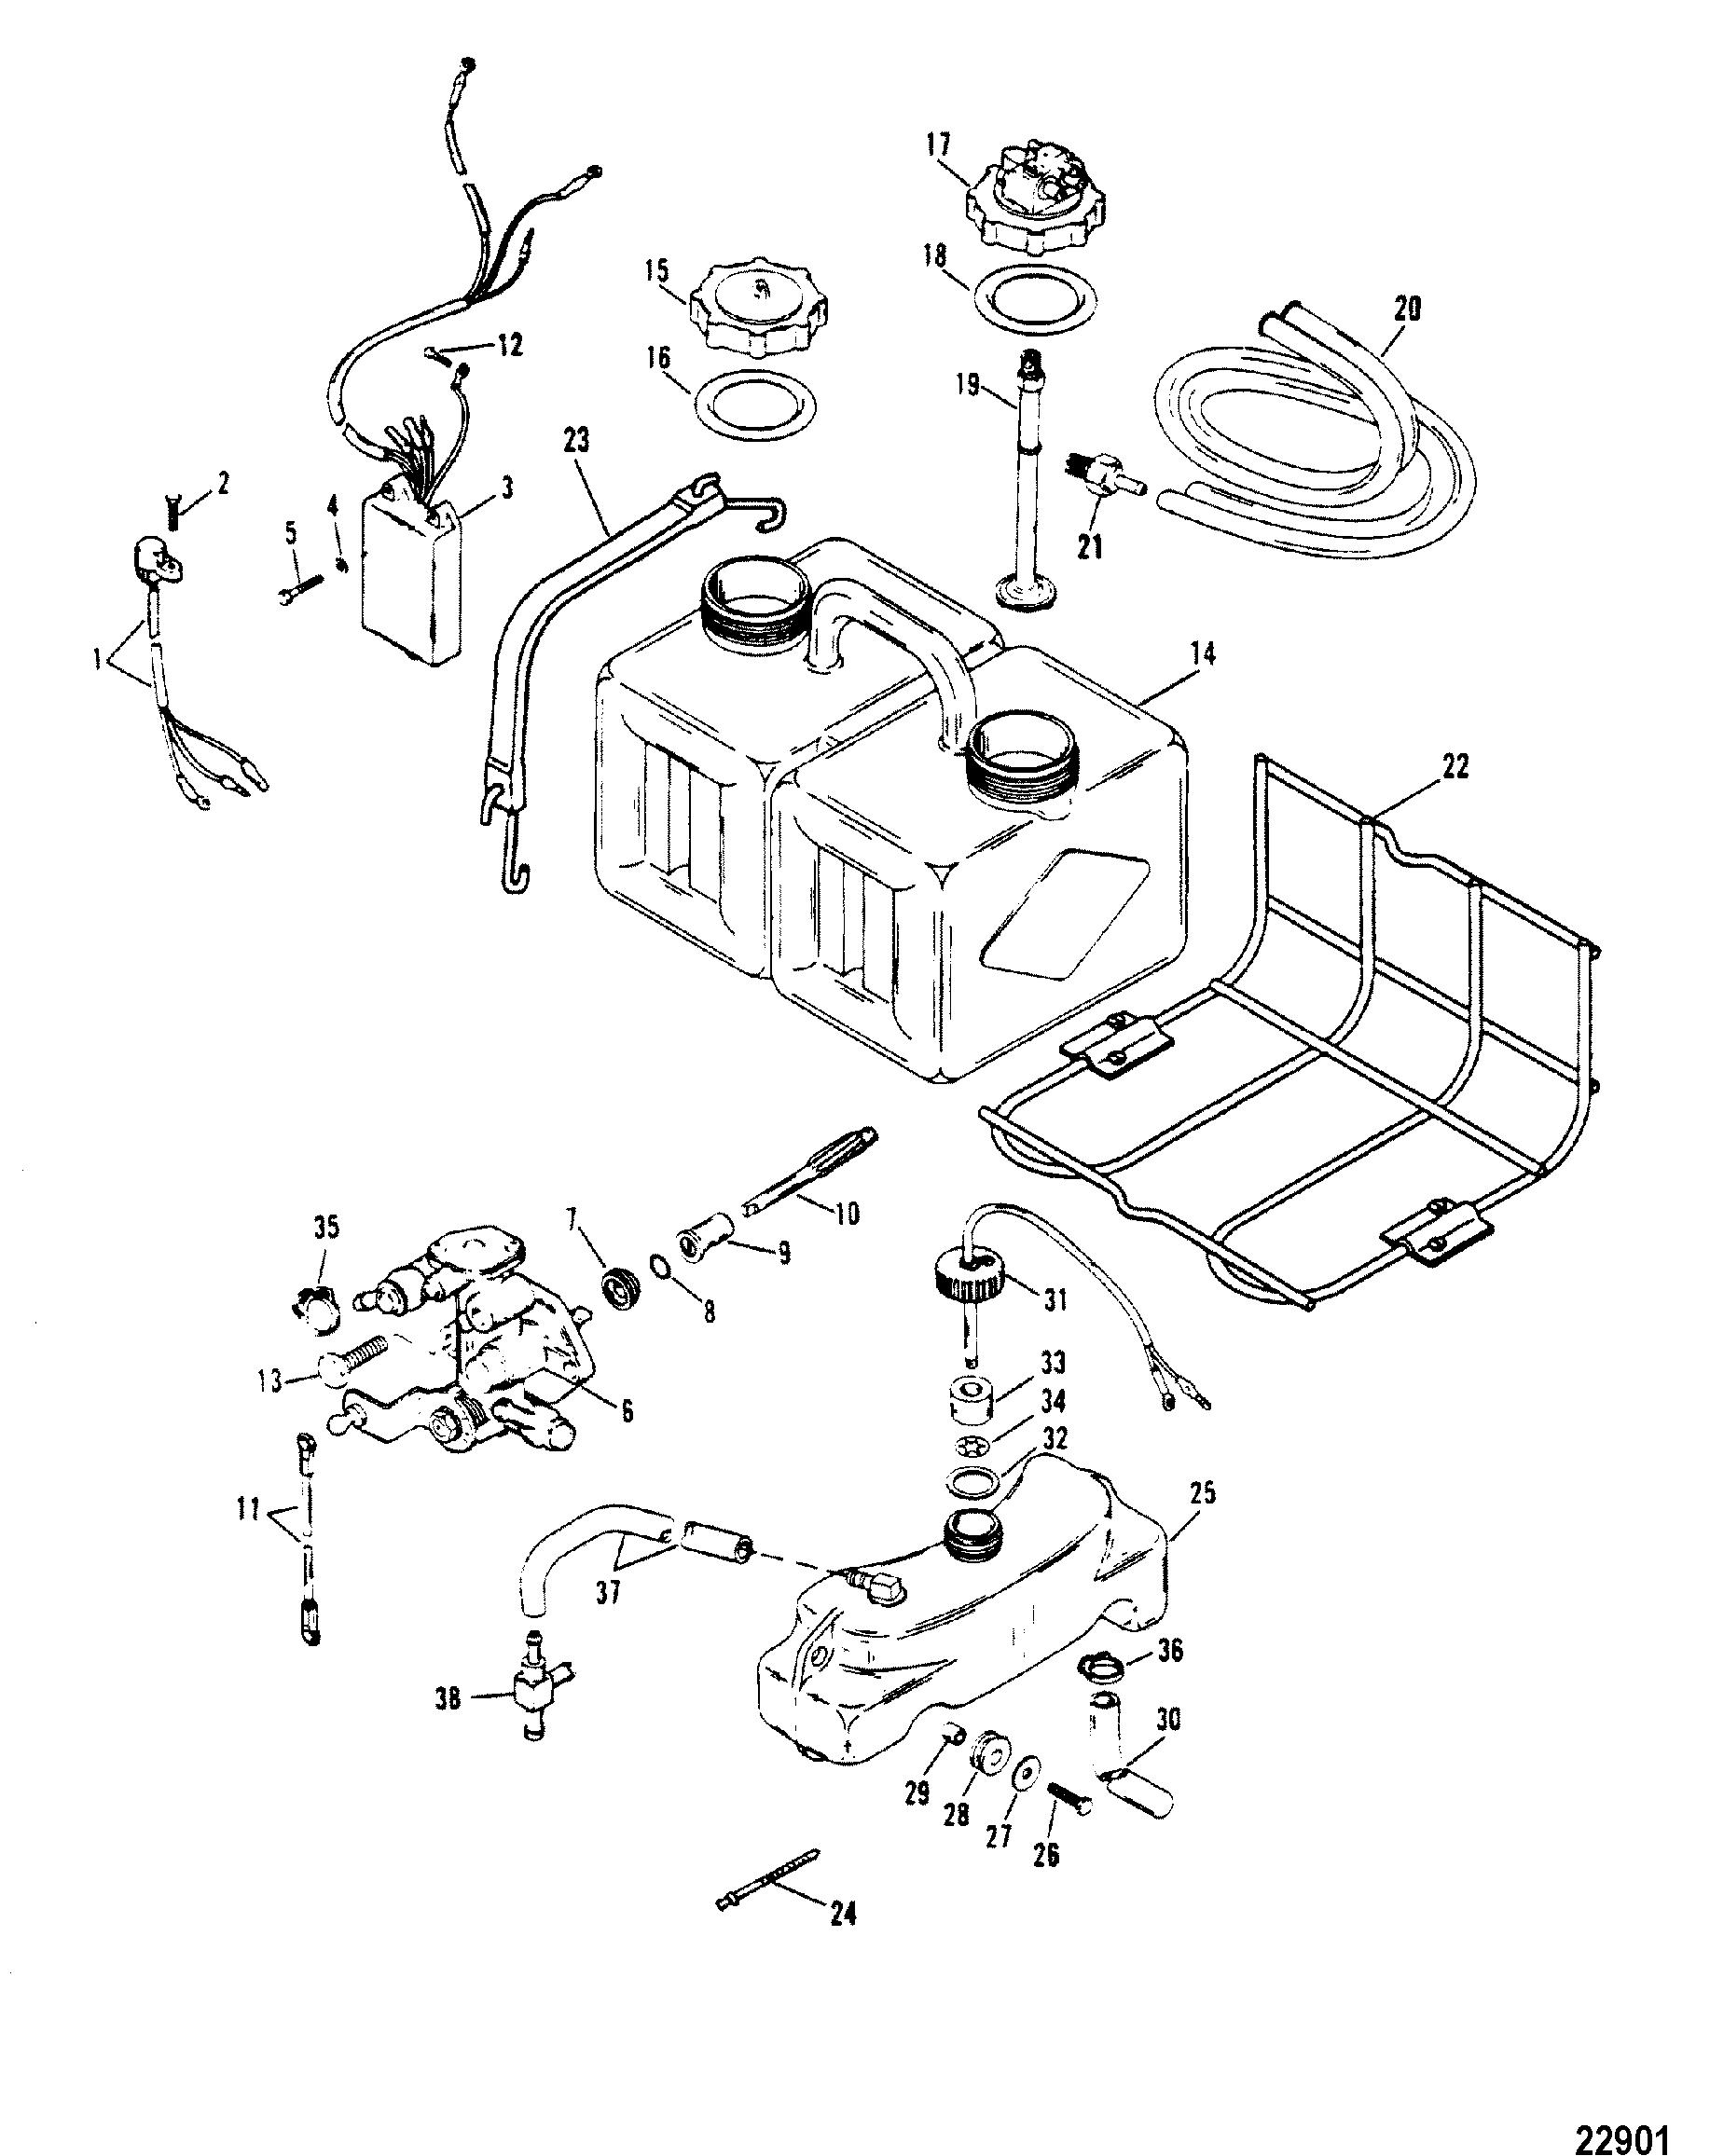 [WRG-5951] Mercury Xr6 Outboard Wiring Diagram